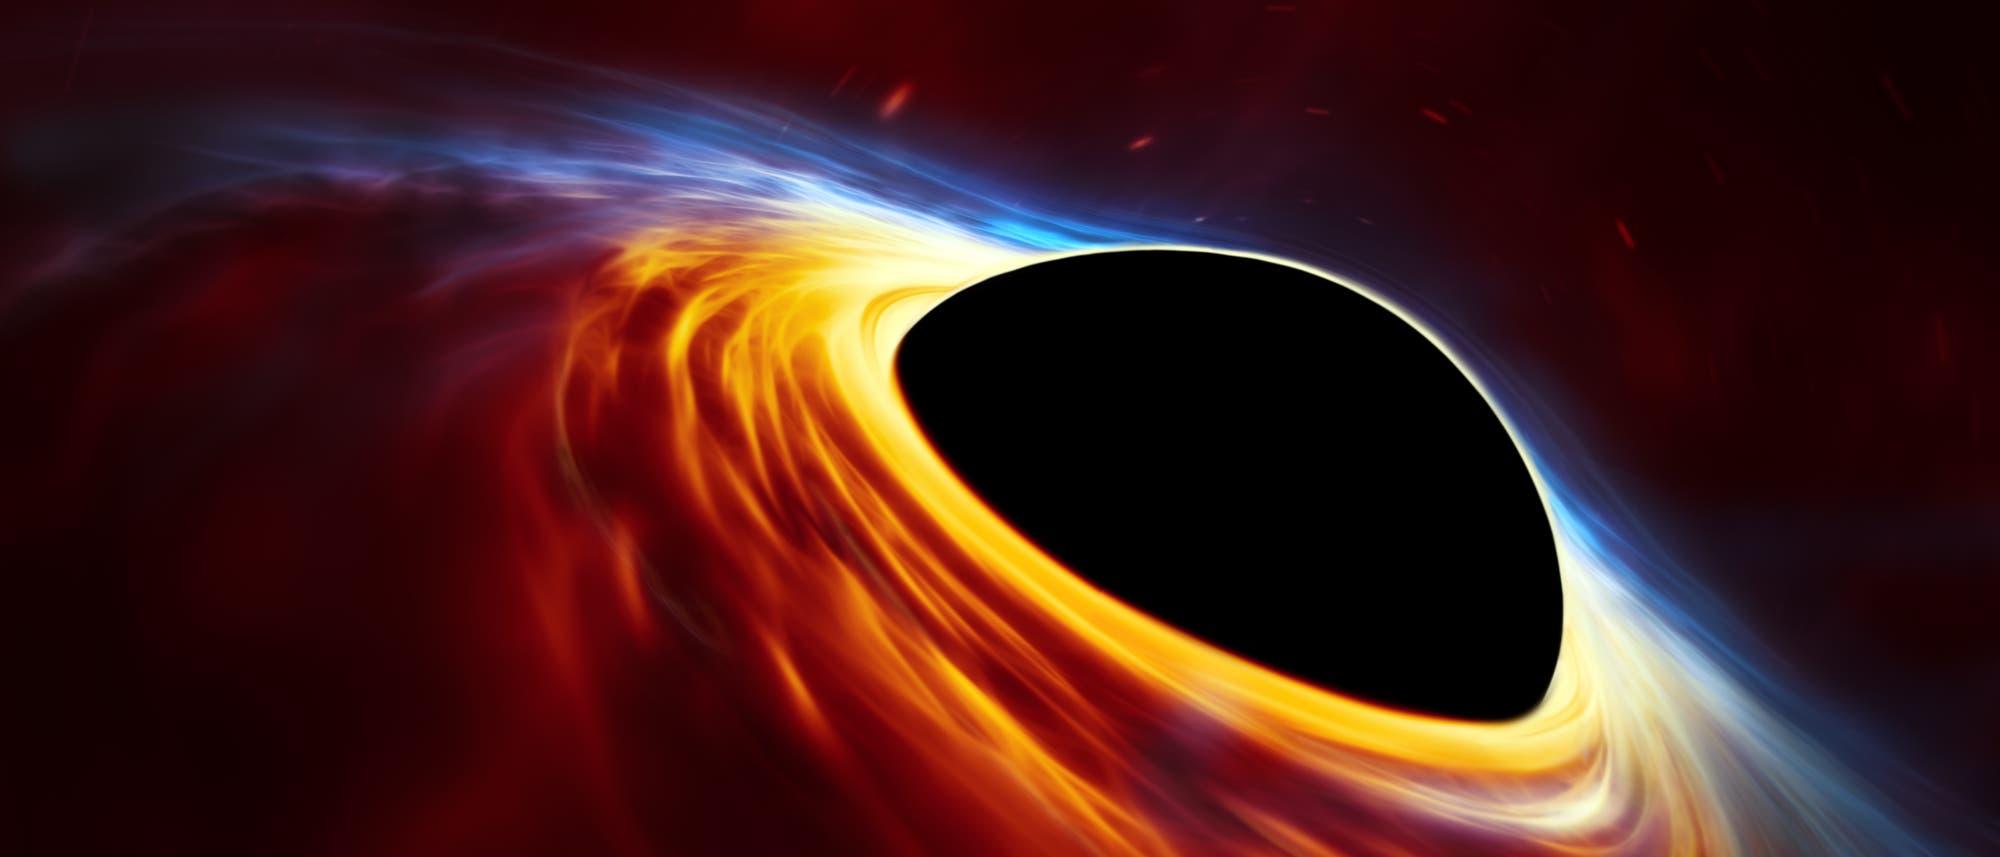 Diese künstlerische Darstellung zeigt ein schnell rotierendes supermassereiches Schwarzes Loch, das von einer Akkretionsscheibe umgeben wird. Diese dünne Scheibe aus rotierender Materie besteht aus den Überresten eines sonnenähnlichen Sterns, der durch die Gezeitenkräfte des Schwarzen Lochs auseinandergerissen wurde.